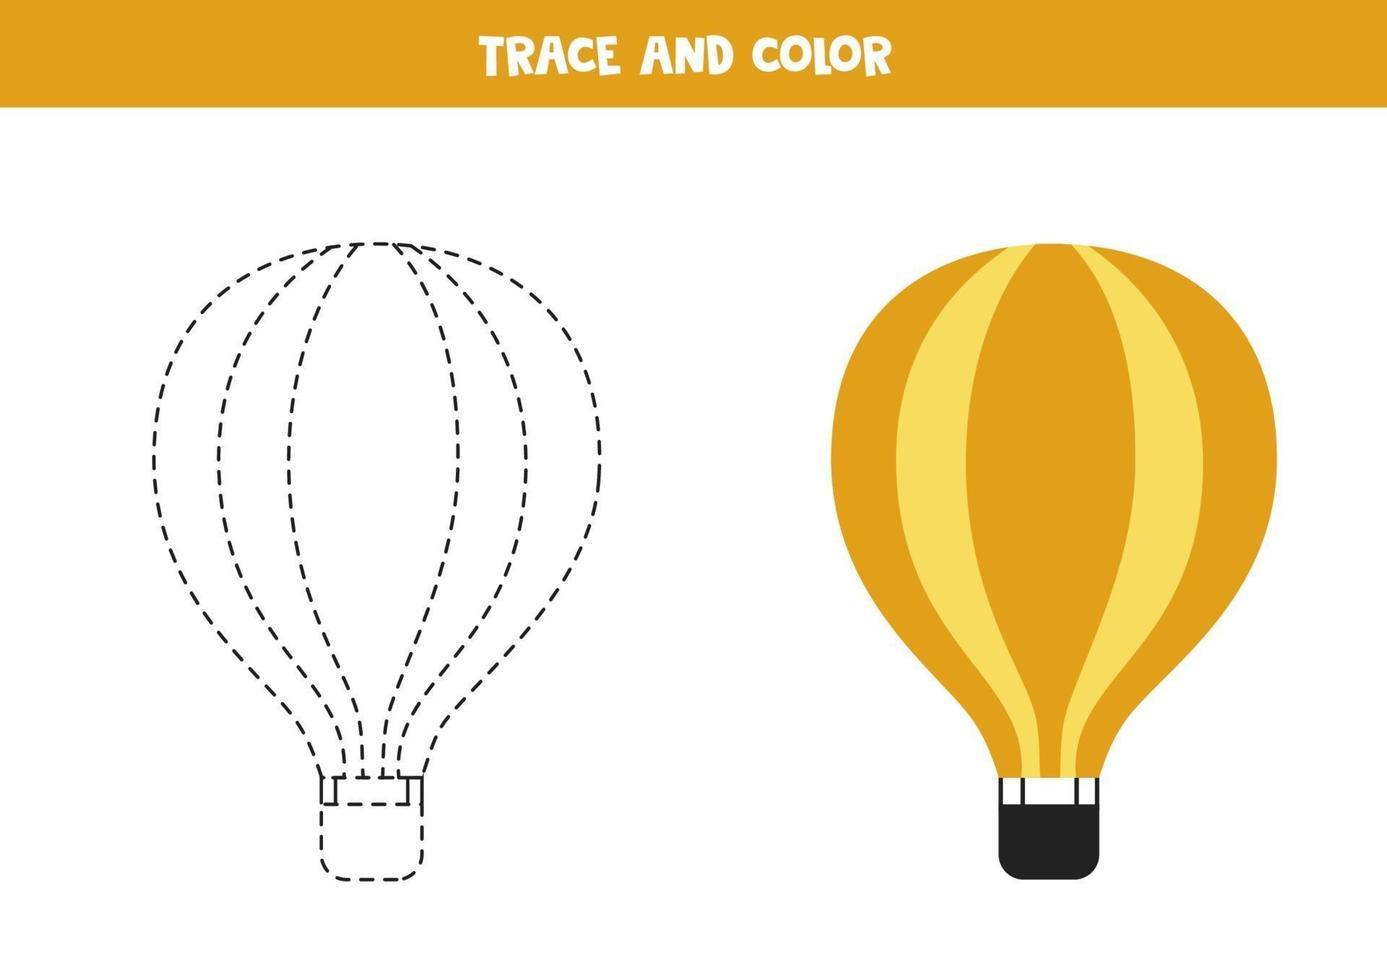 montgolfière trace et couleur. feuille de calcul de l'espace pour les enfants. vecteur